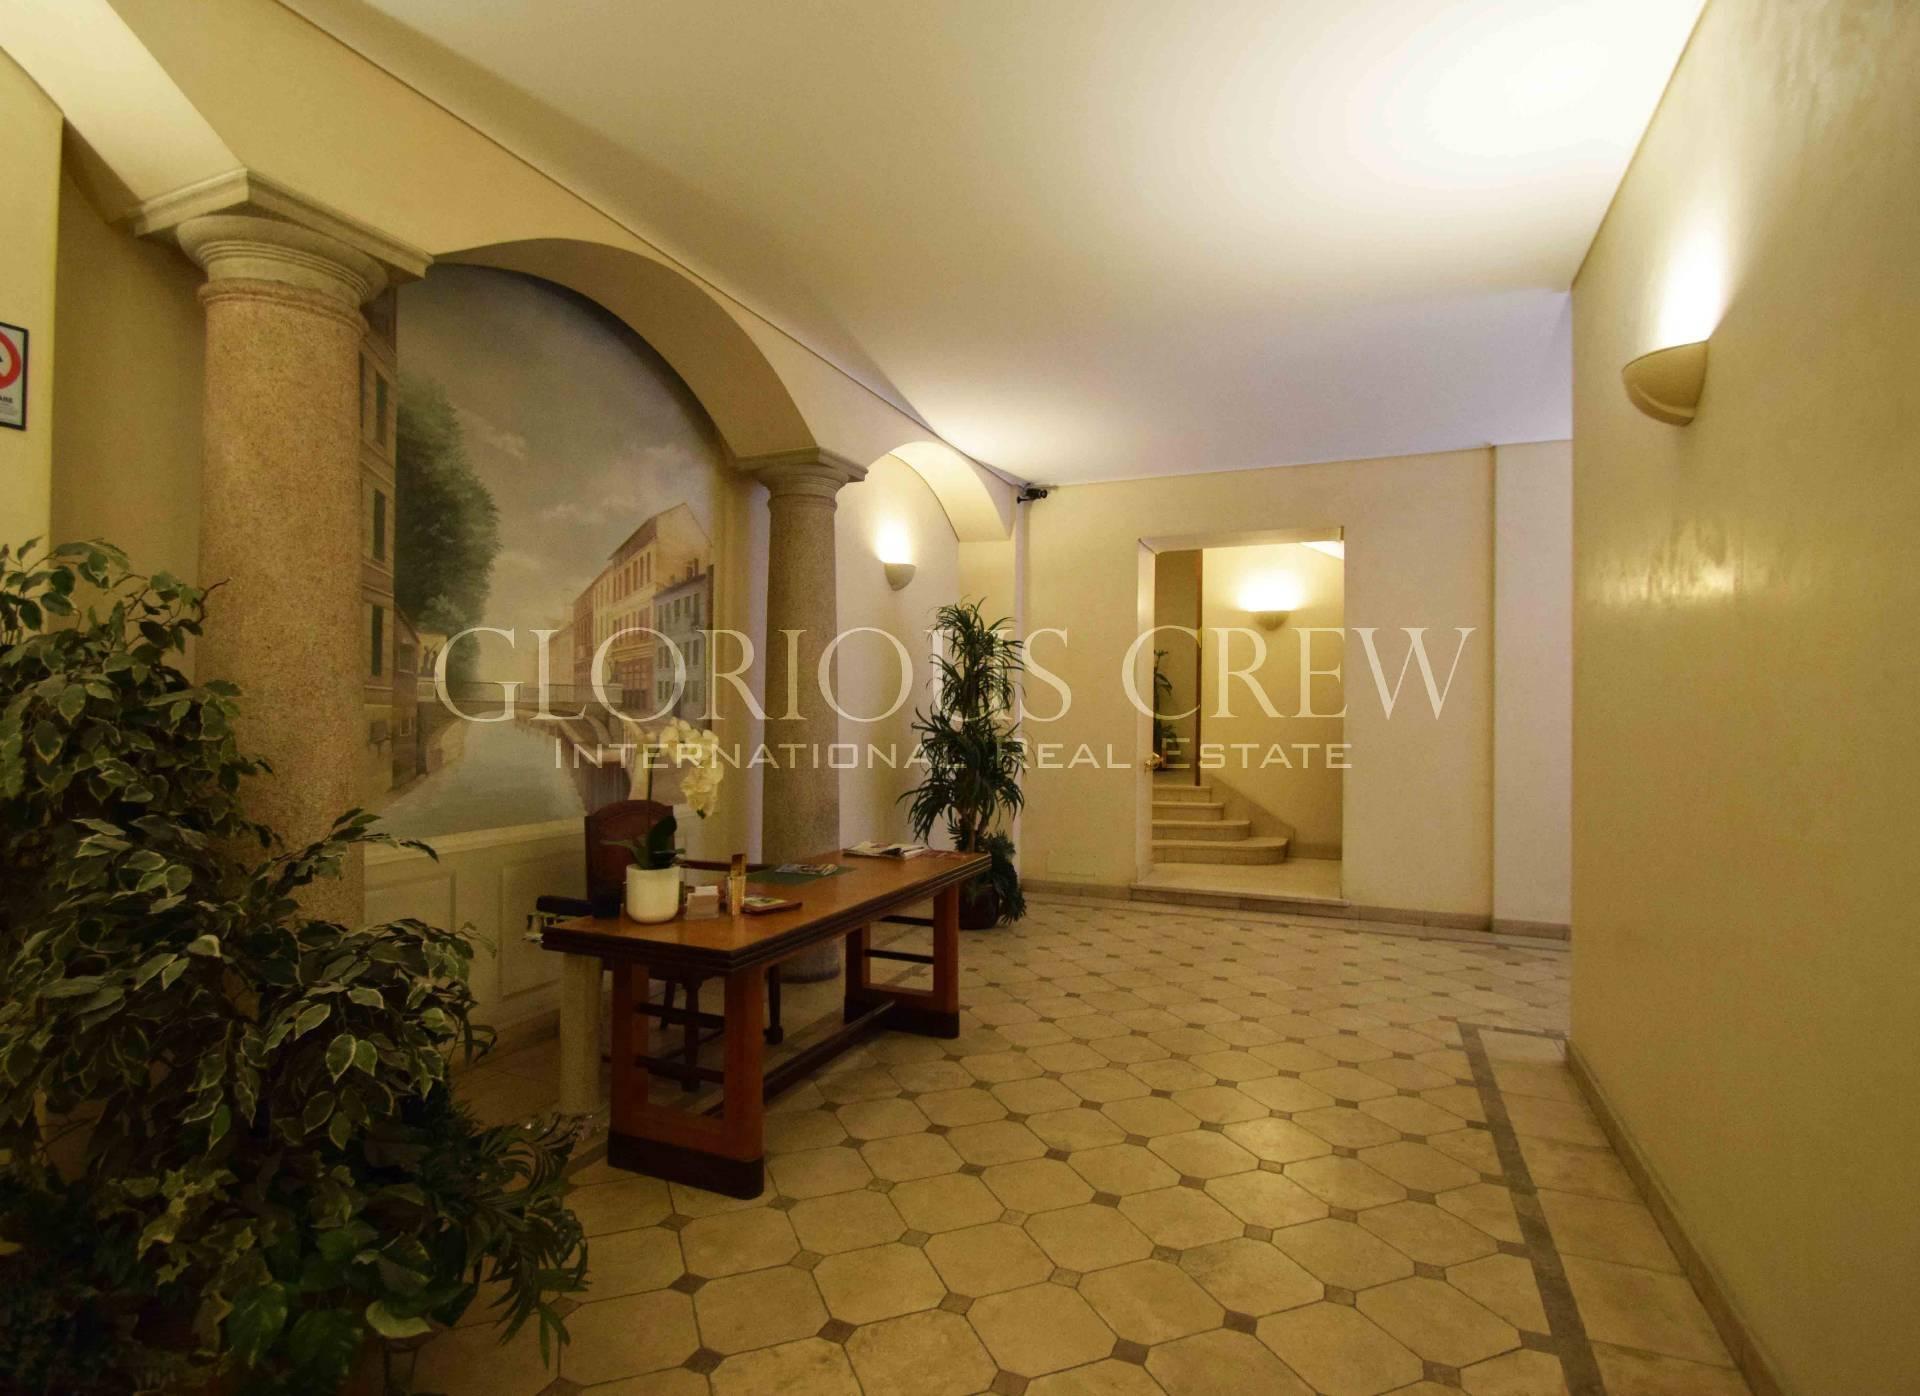 Appartamento in Affitto a Milano 01 Centro storico (Cerchia dei Navigli):  2 locali, 42 mq  - Foto 1